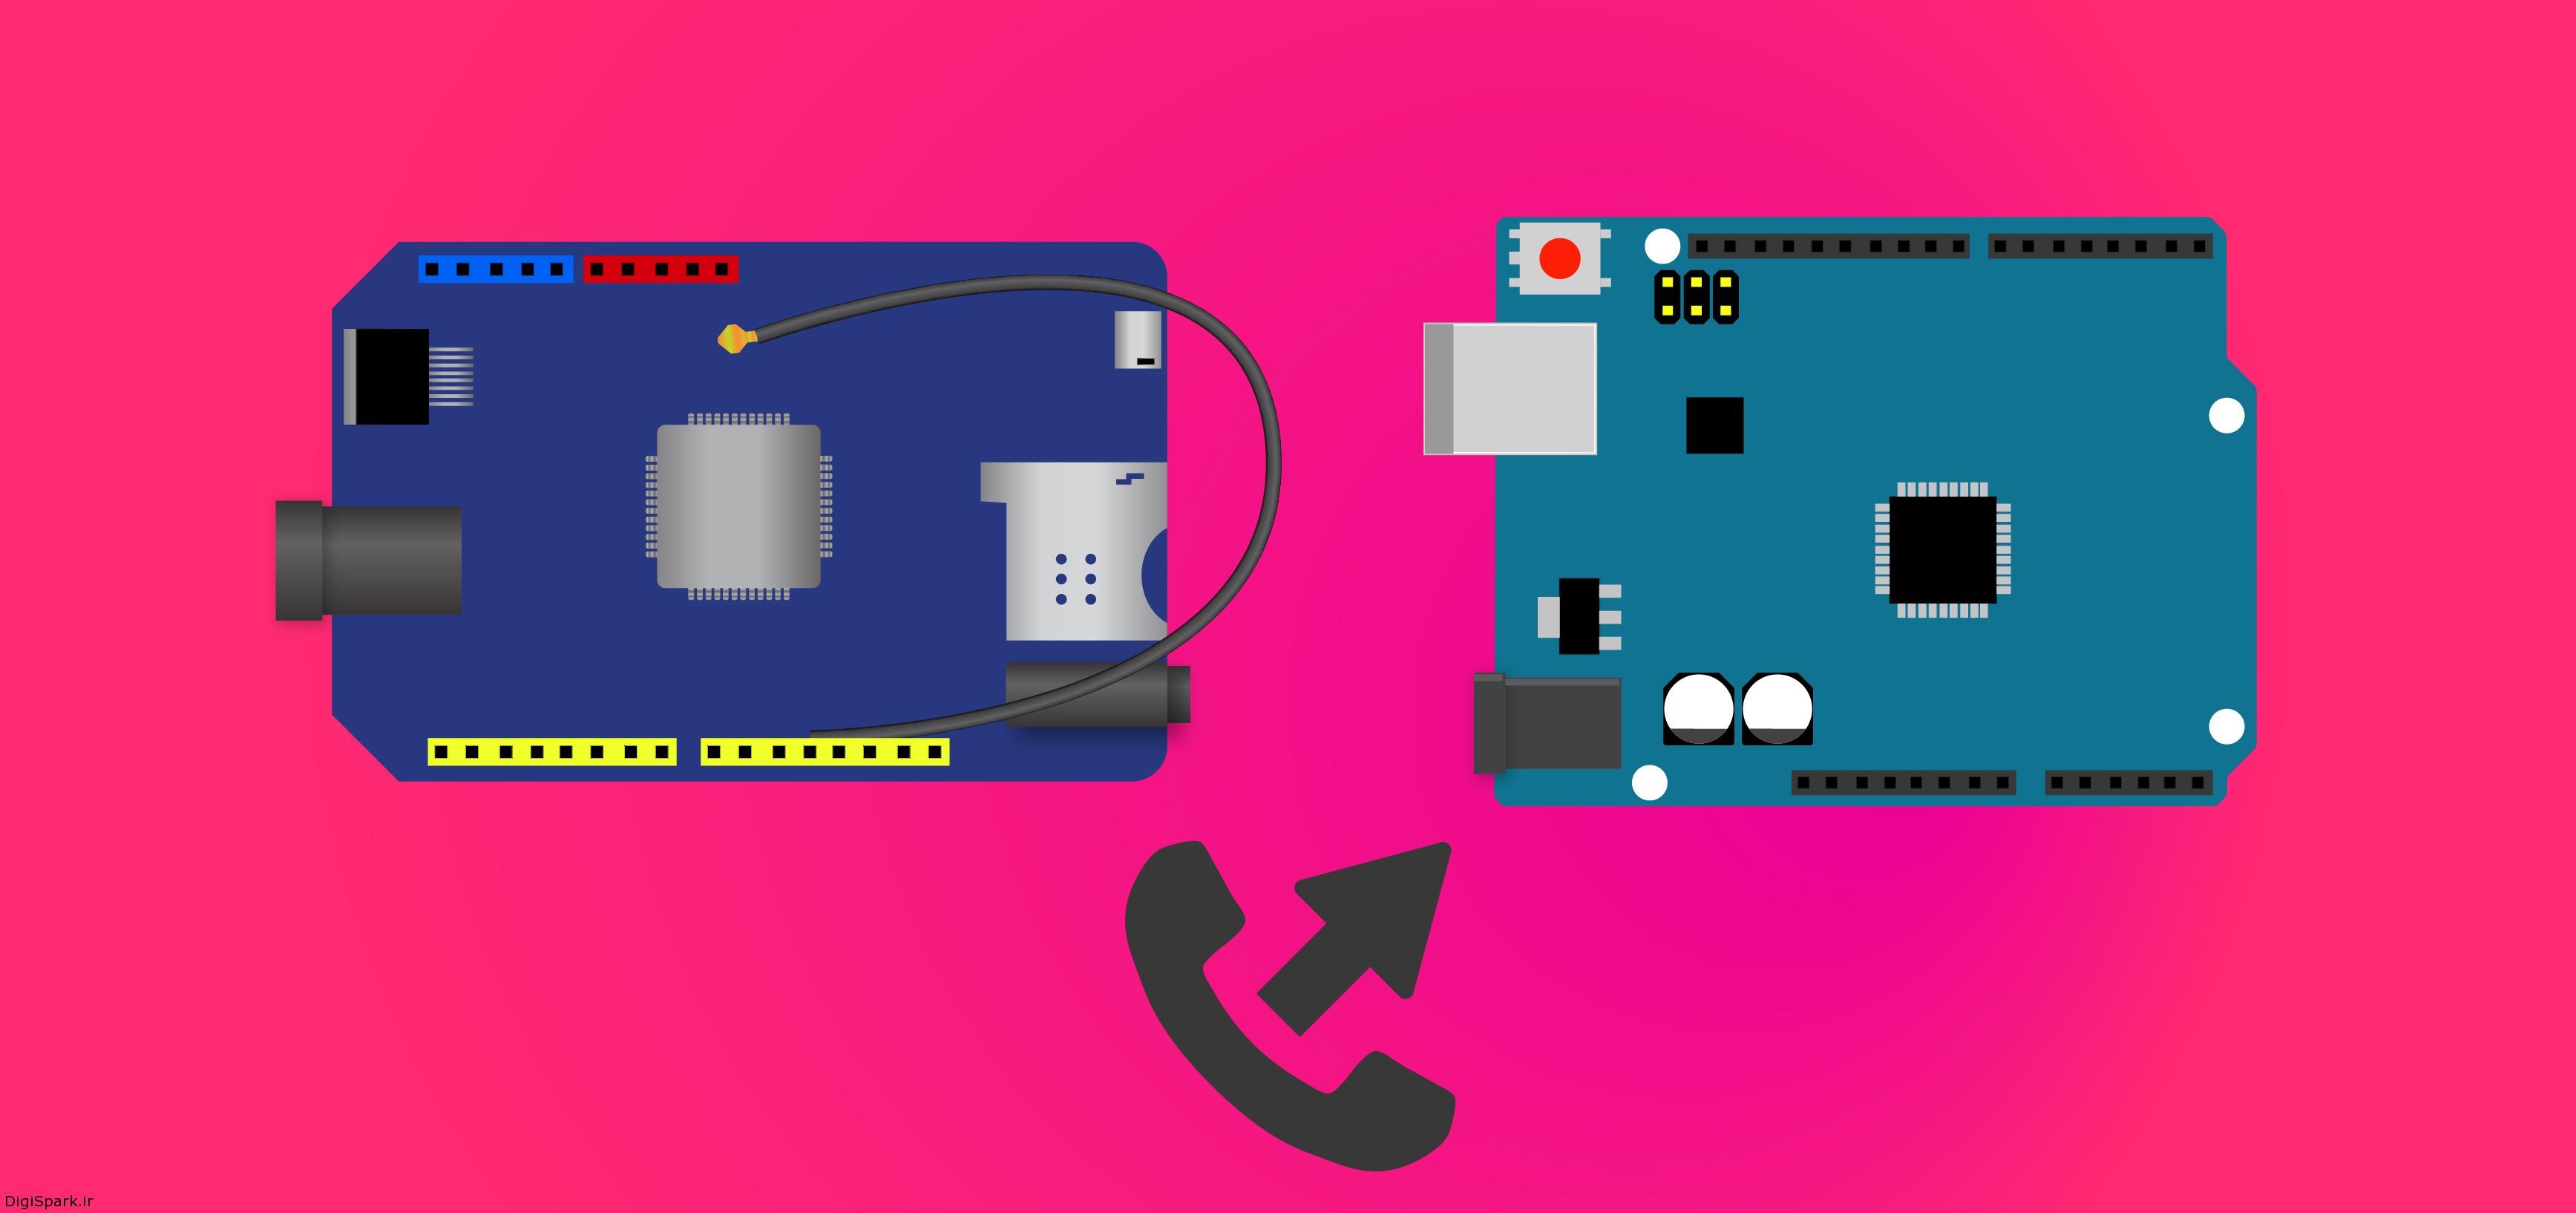 آموزش ایجاد تماس صوتی با شیلد Sim800C آردوینو - دانشجو کیت